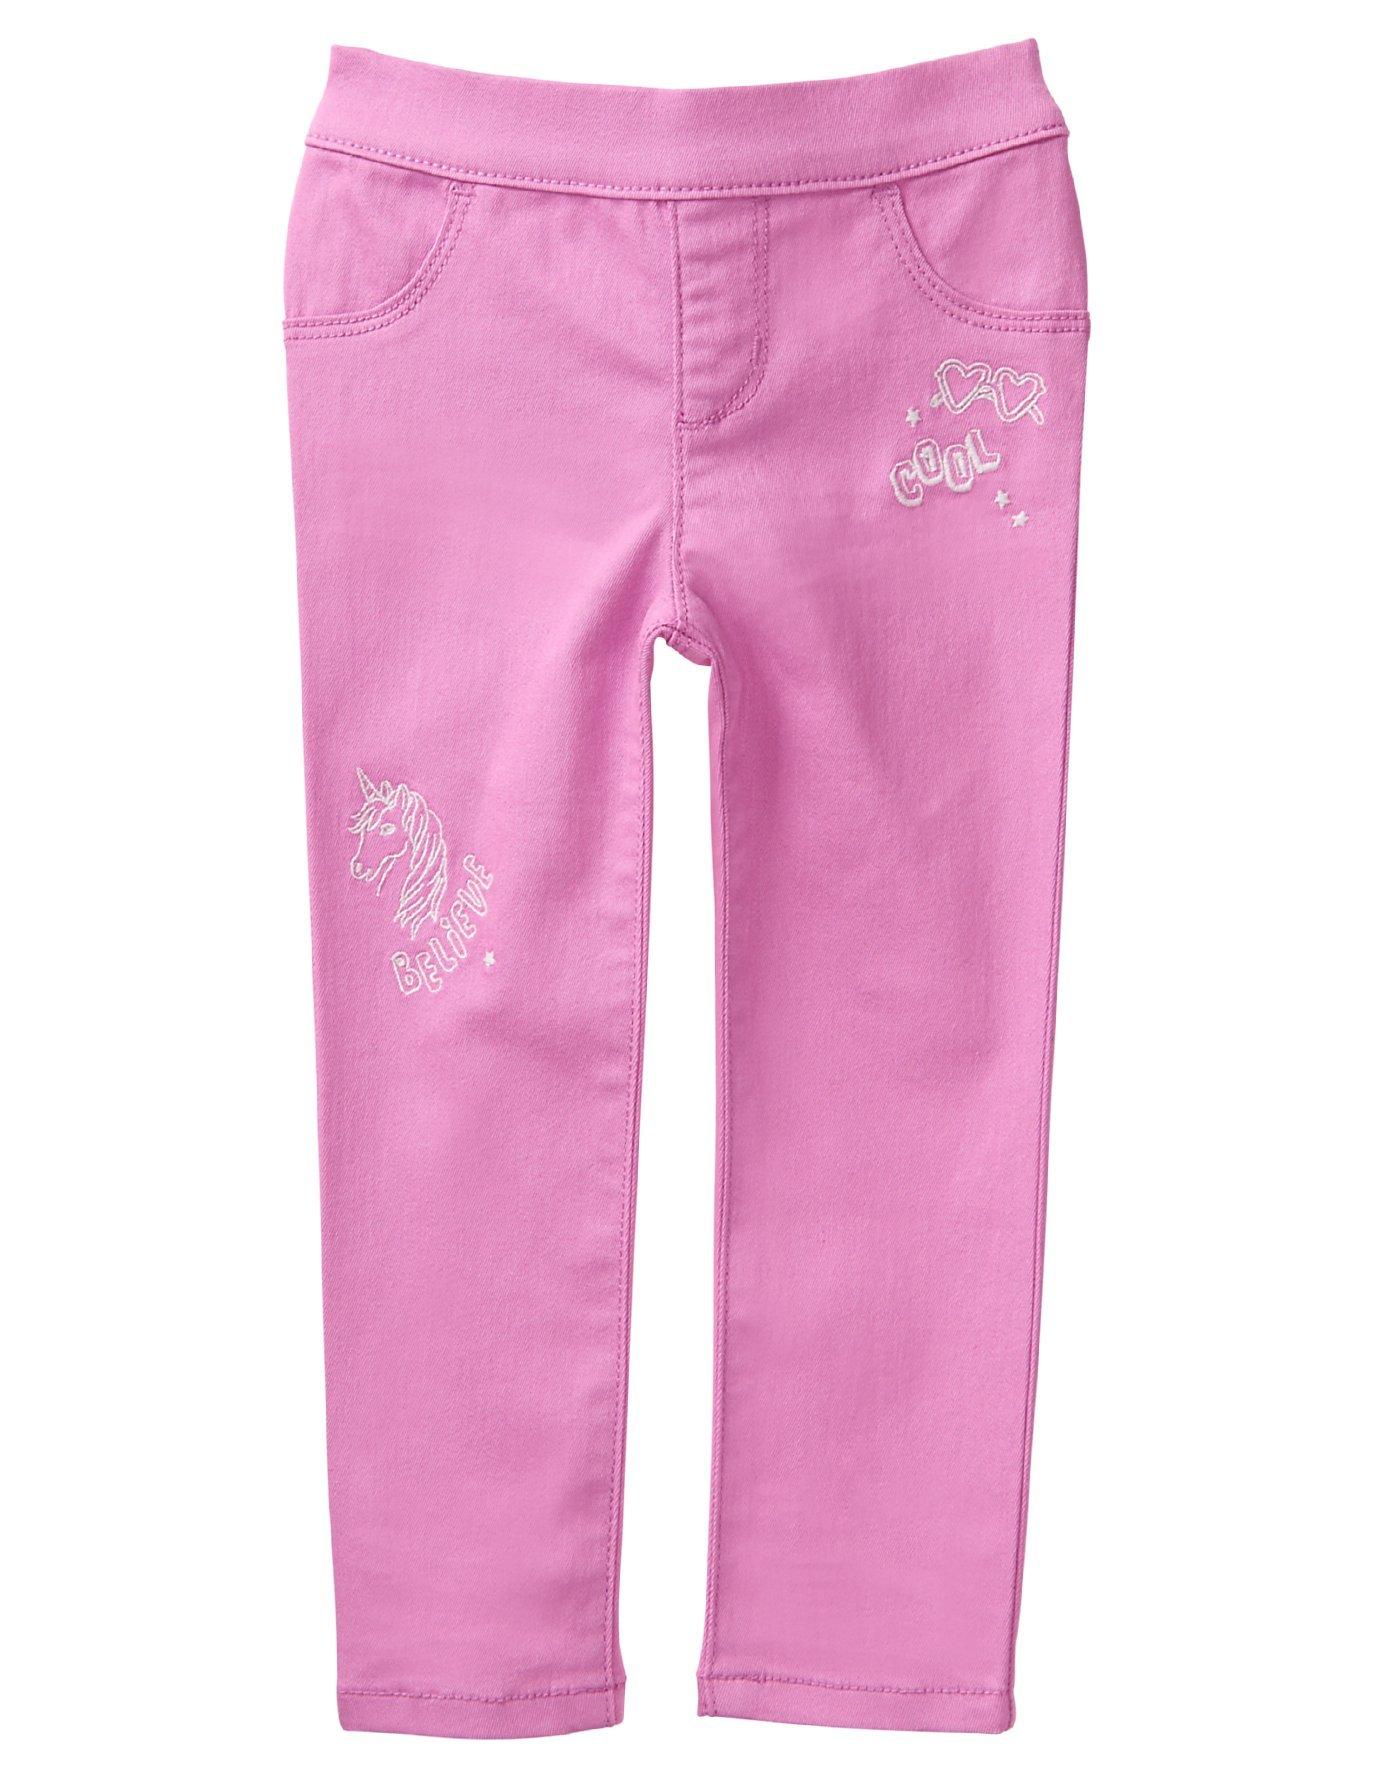 Crazy 8 Toddler Girls' Her Li'l Pull-on Jegging, Pink Doodles, 6-12 Mo